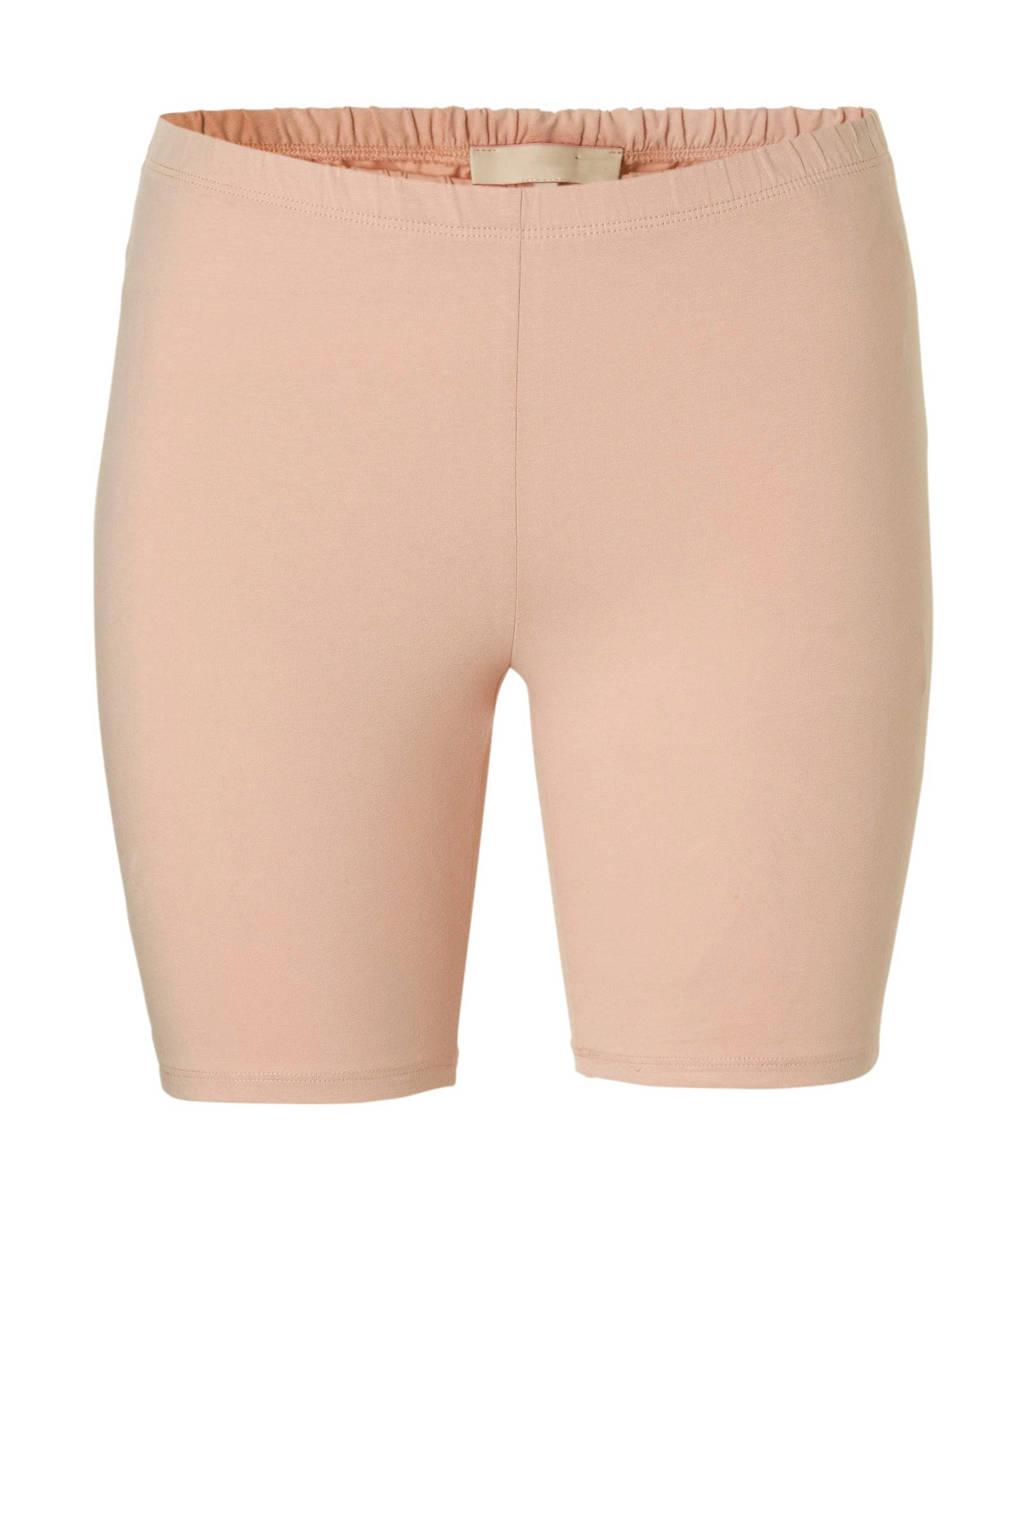 anytime korte legging roze, Roze